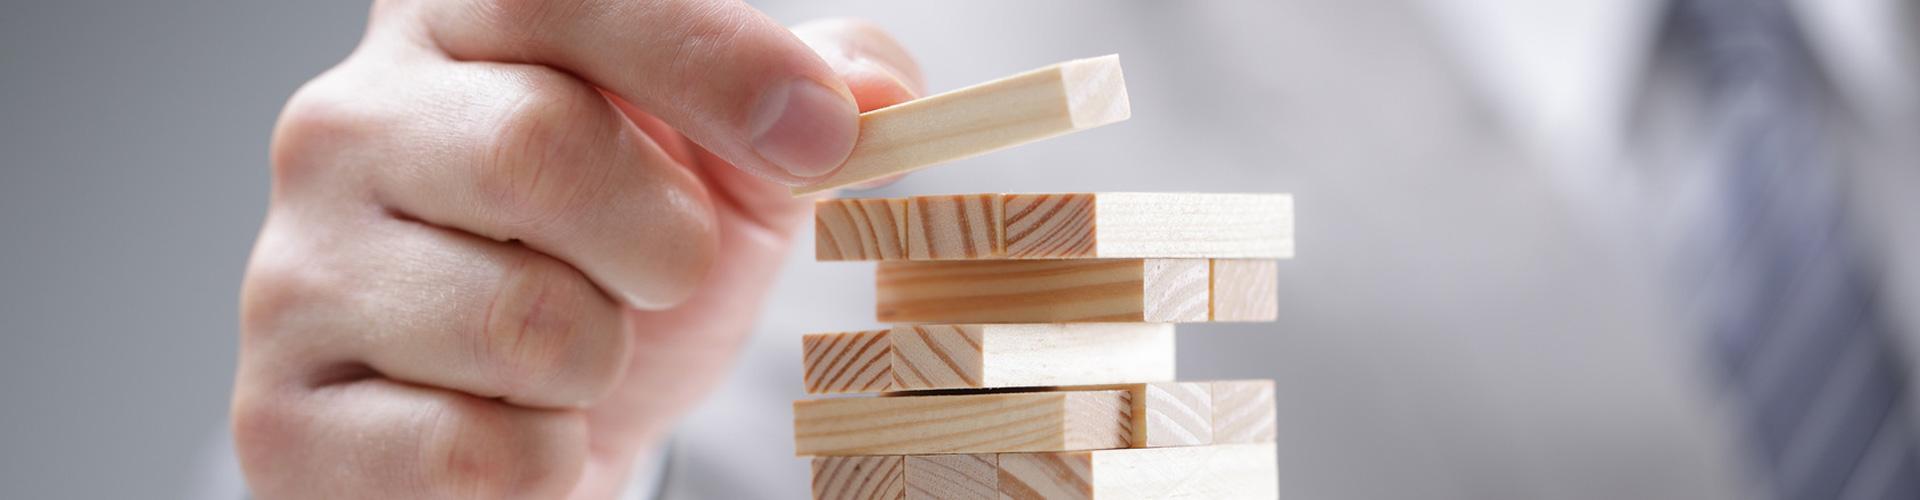 Budowa wartości przedsiębiorstwa - Torror Invest